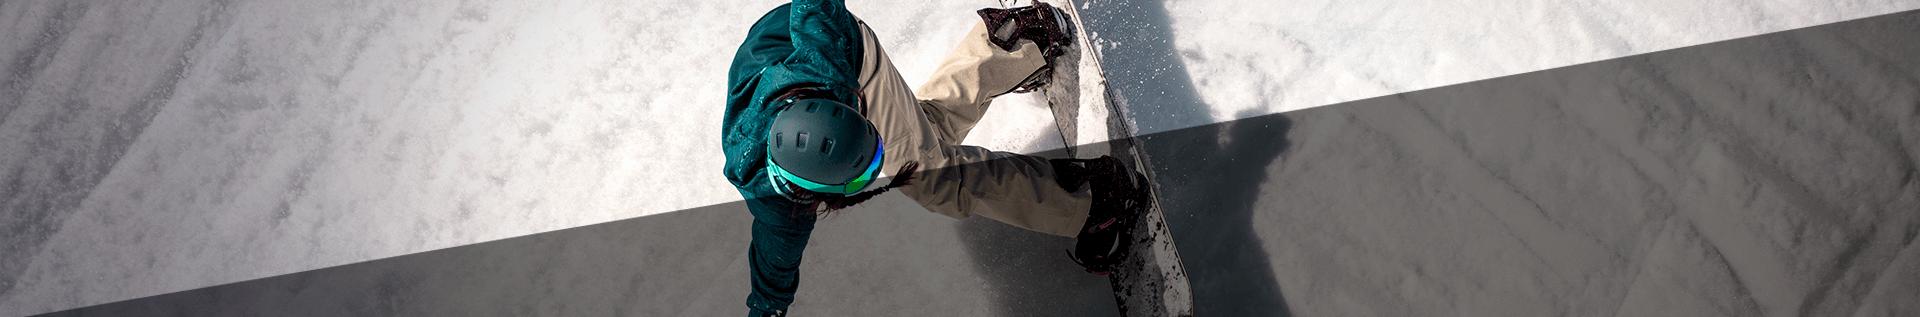 Жіночий одяг для сноубордингу